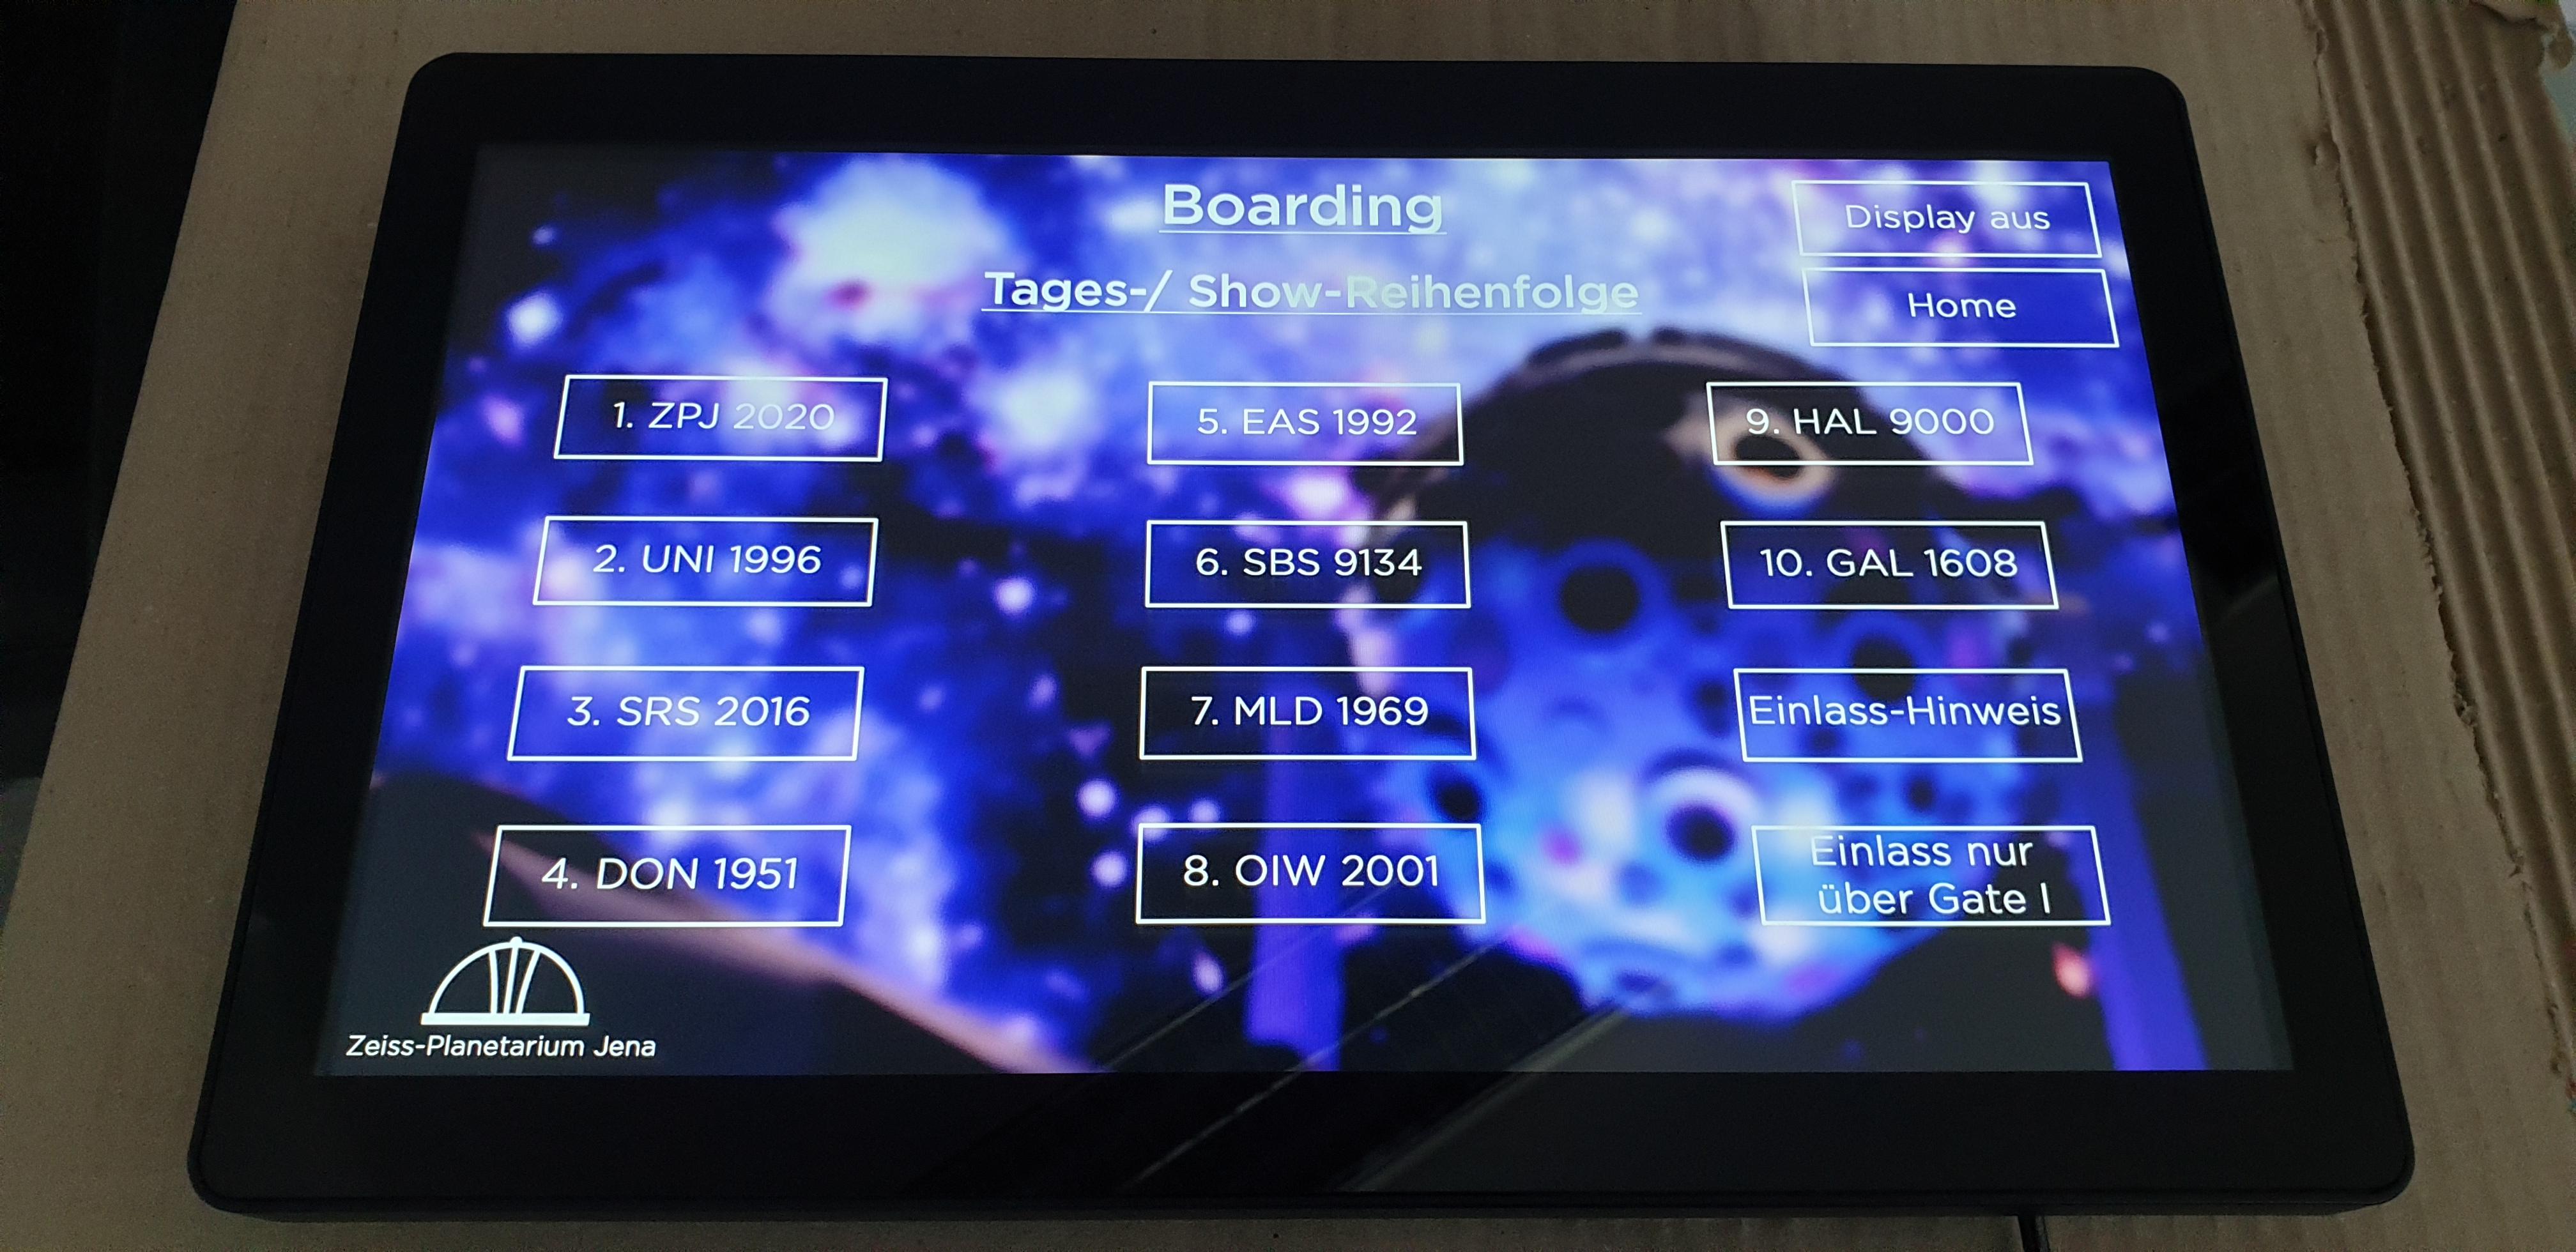 bluefin BrightSign Touchdisplay kündigt den Beginn, Ende und eventuelle Verspätungen der kommenden Shows an. Wurde von PROMEDIATEC installiert.